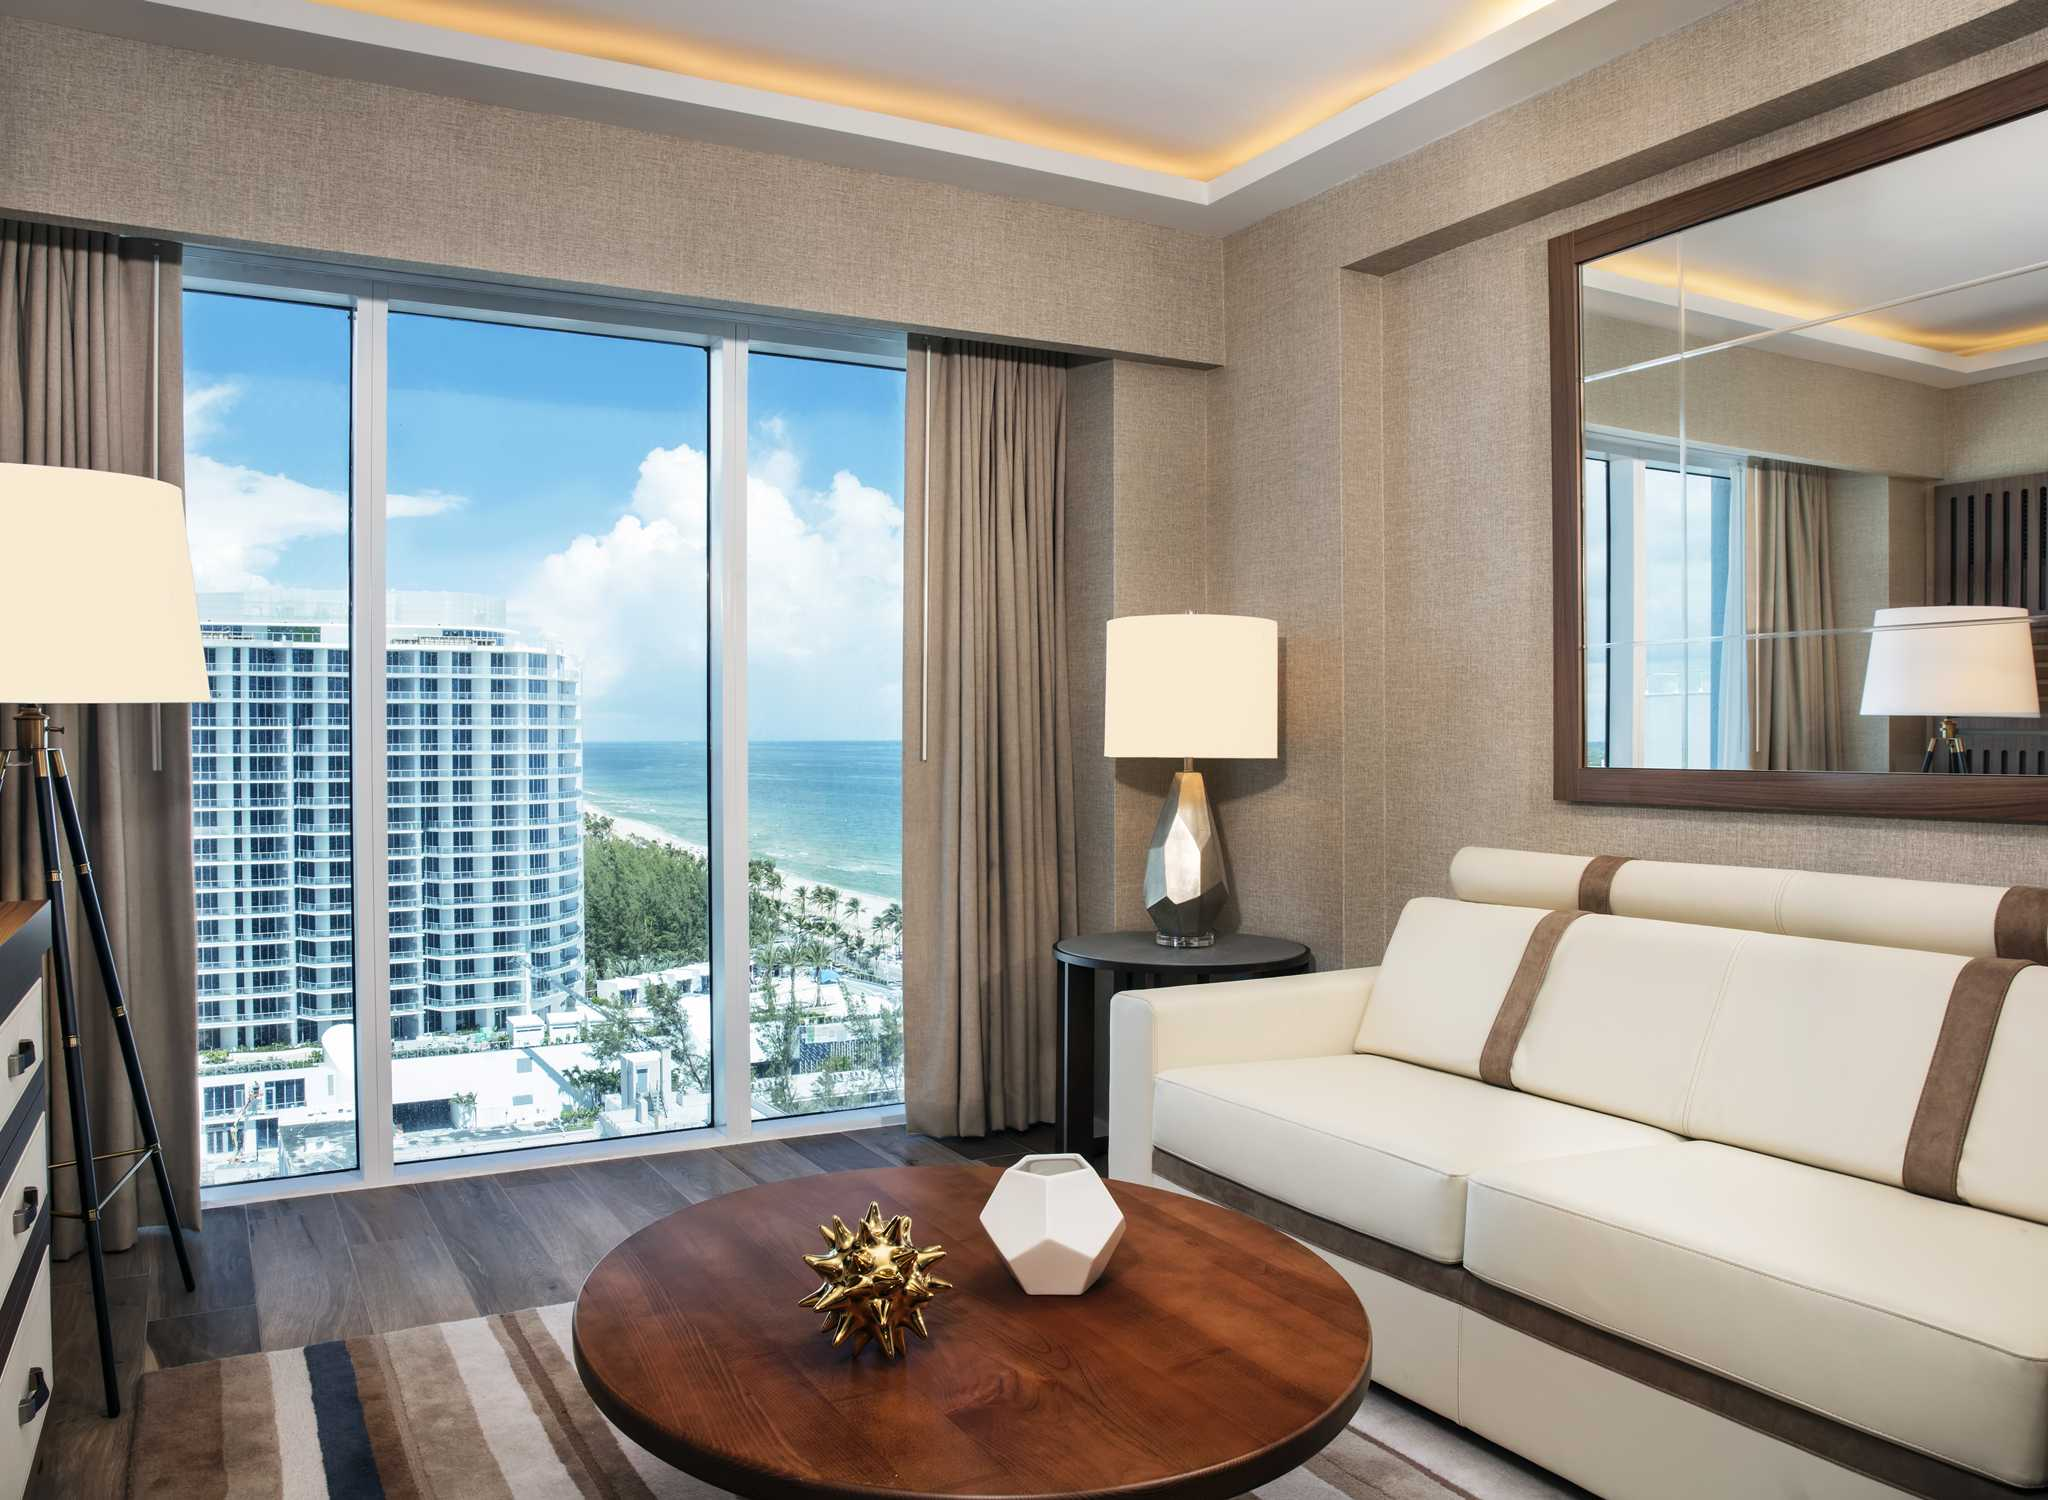 Conrad Fort Lauderdale Beach, USA U2013 Wohnzimmer Der Barrierefreien Suite